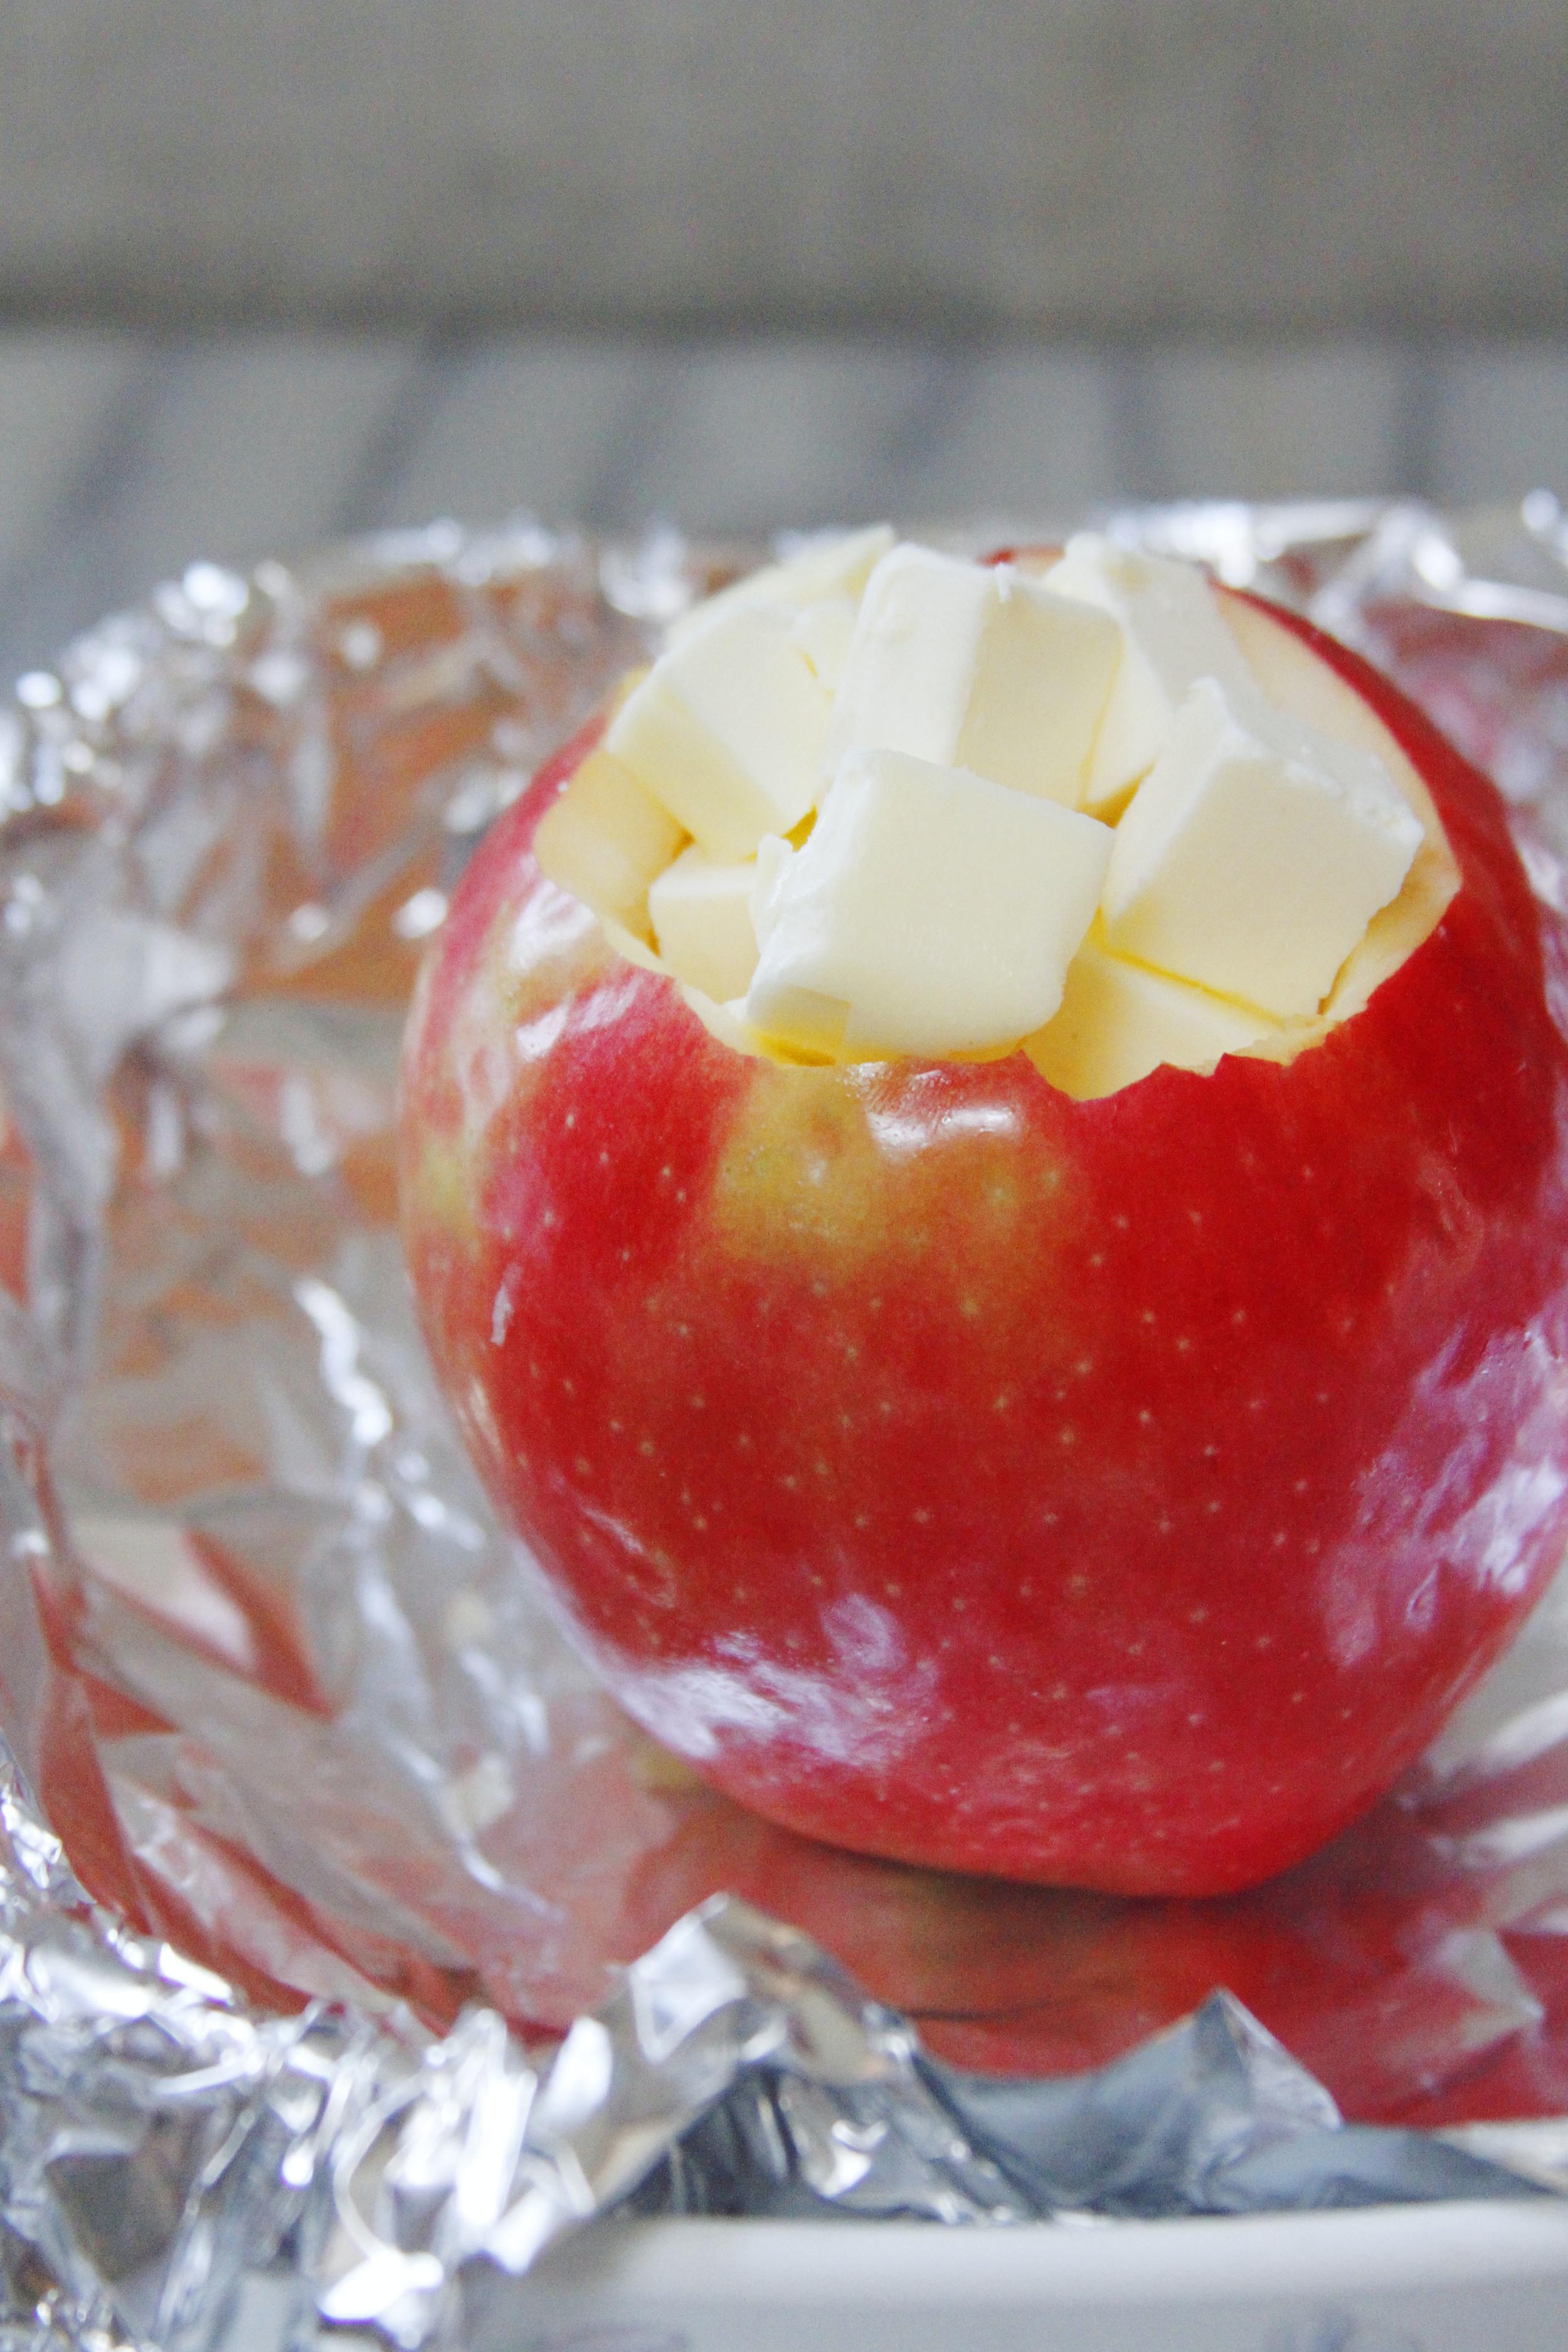 S'mores baked apples 3 // print (em) shop